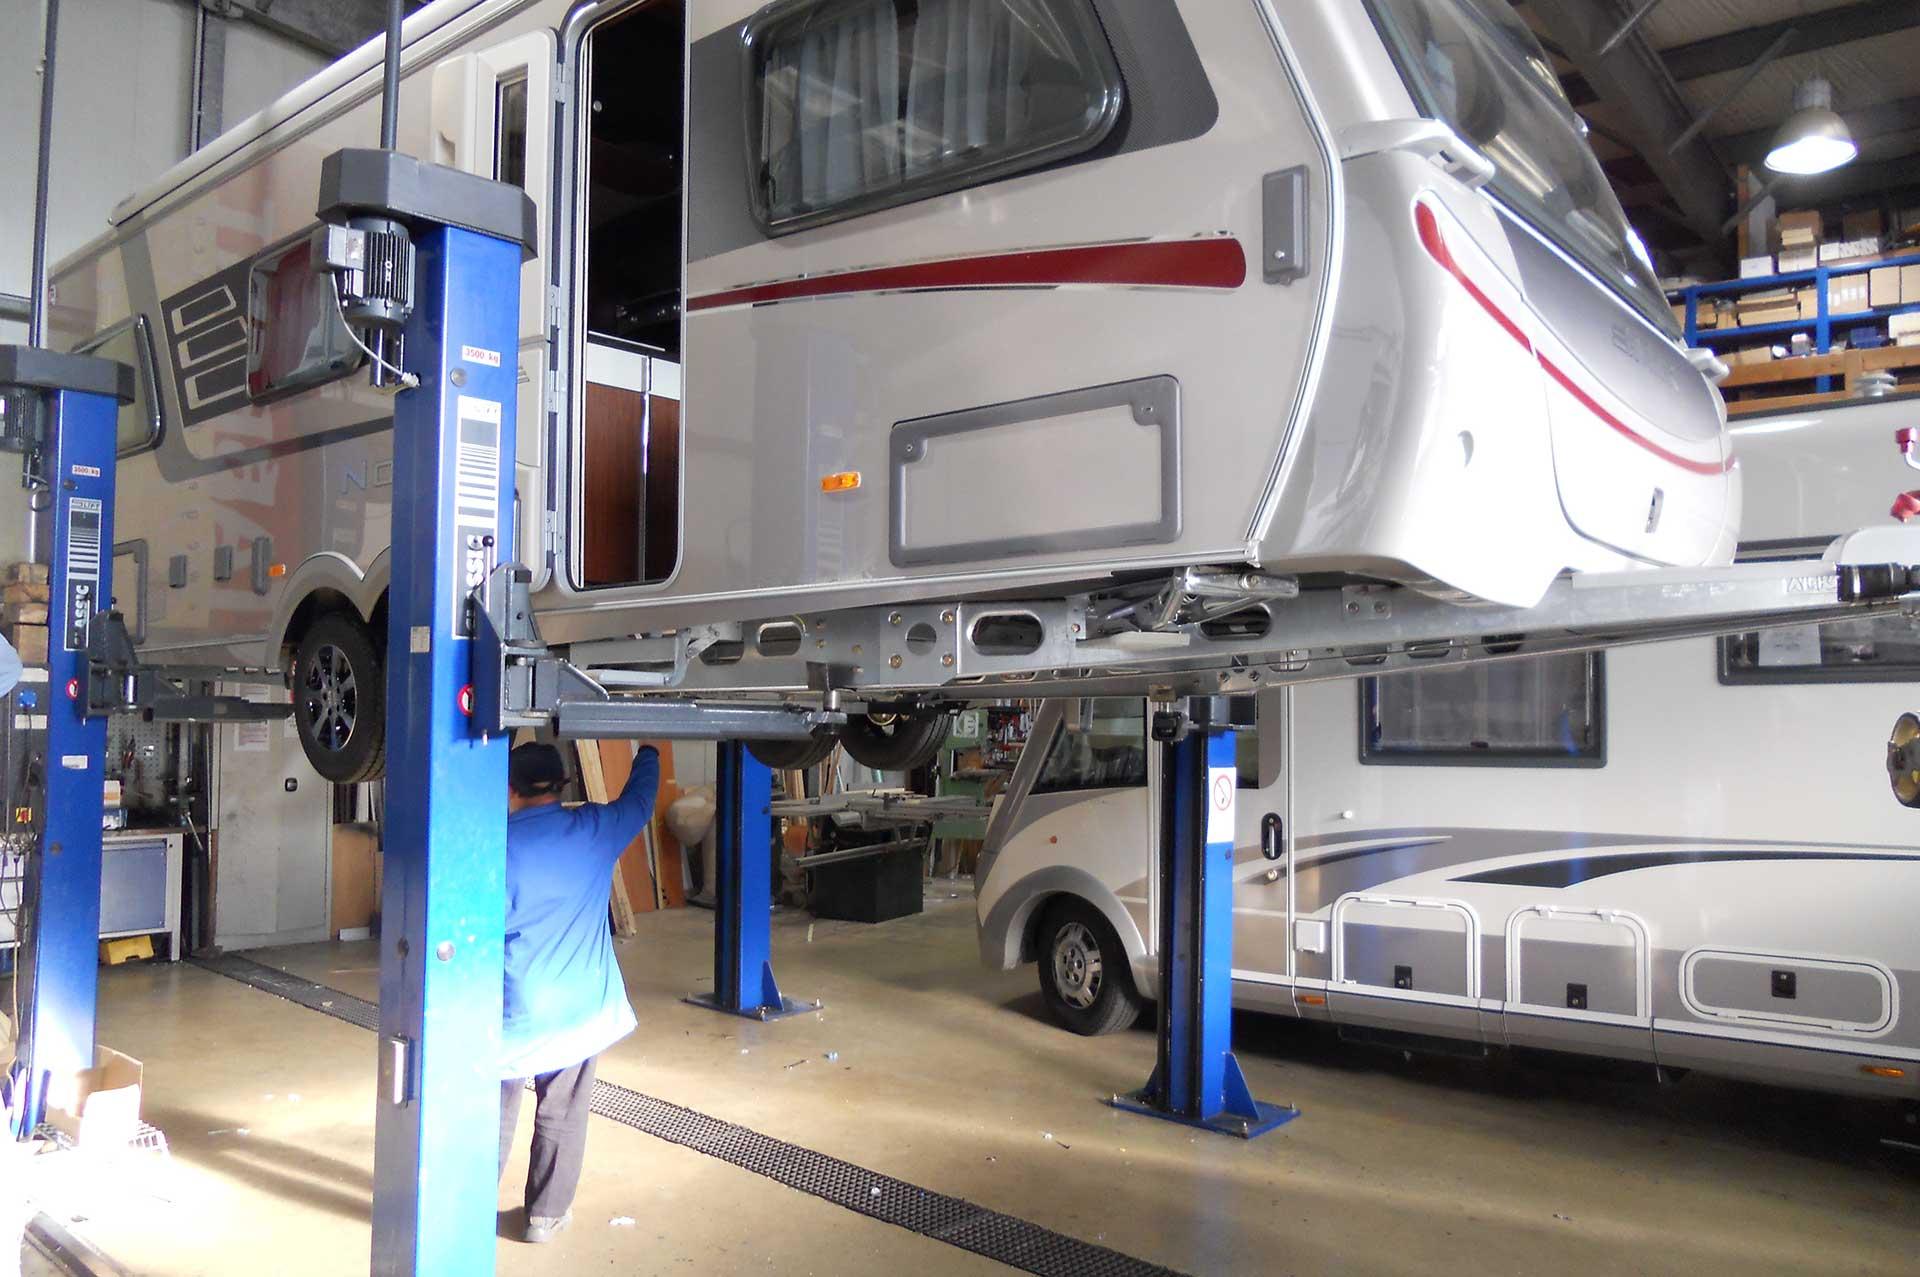 Wohnwagen Vogt – Führend im Saarland für Wohnwagen, Reisemobile